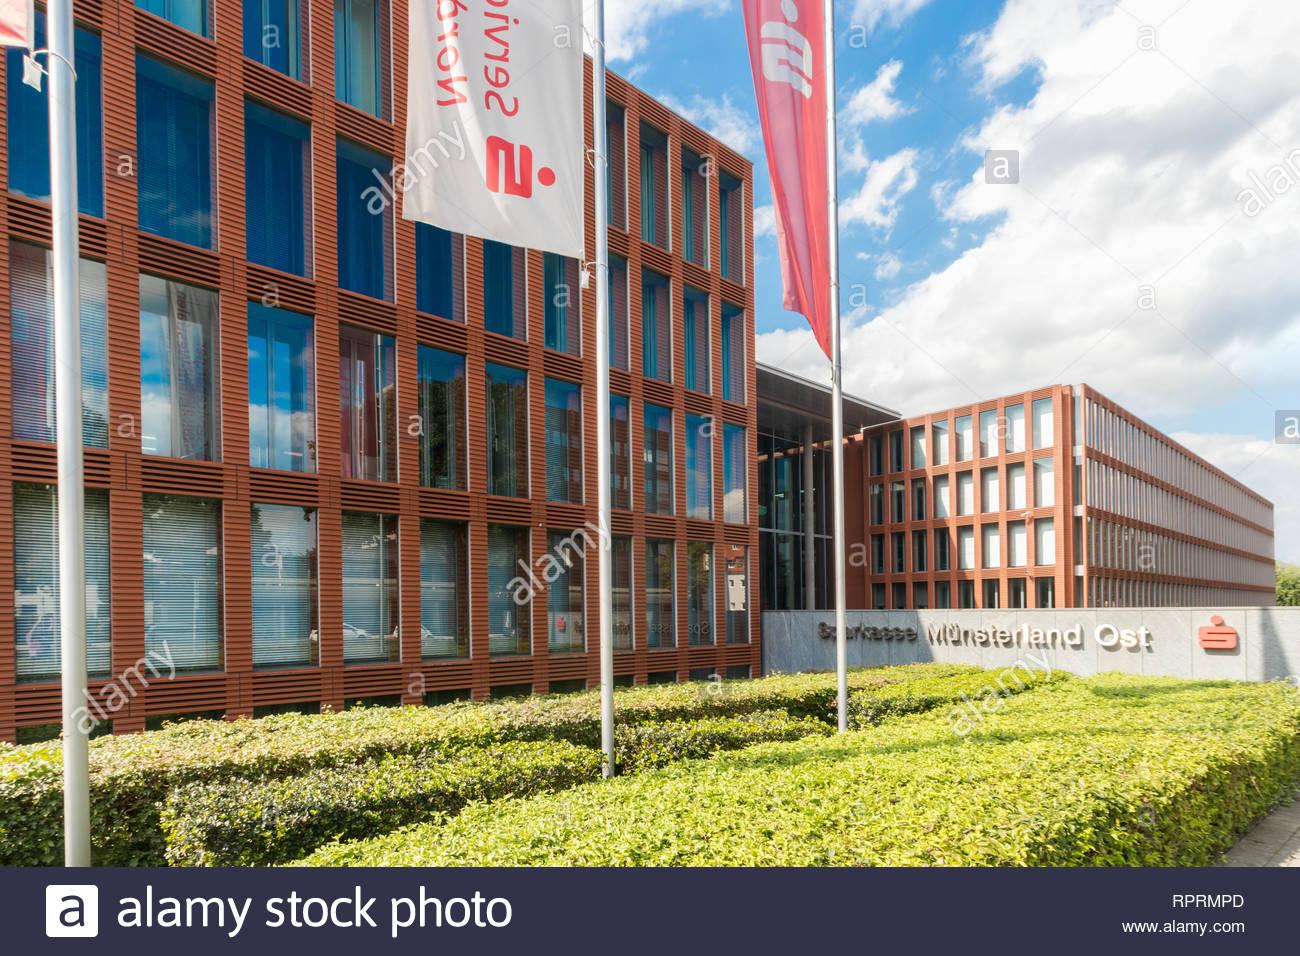 Sparkasse Münsterland Ost - Stock Image